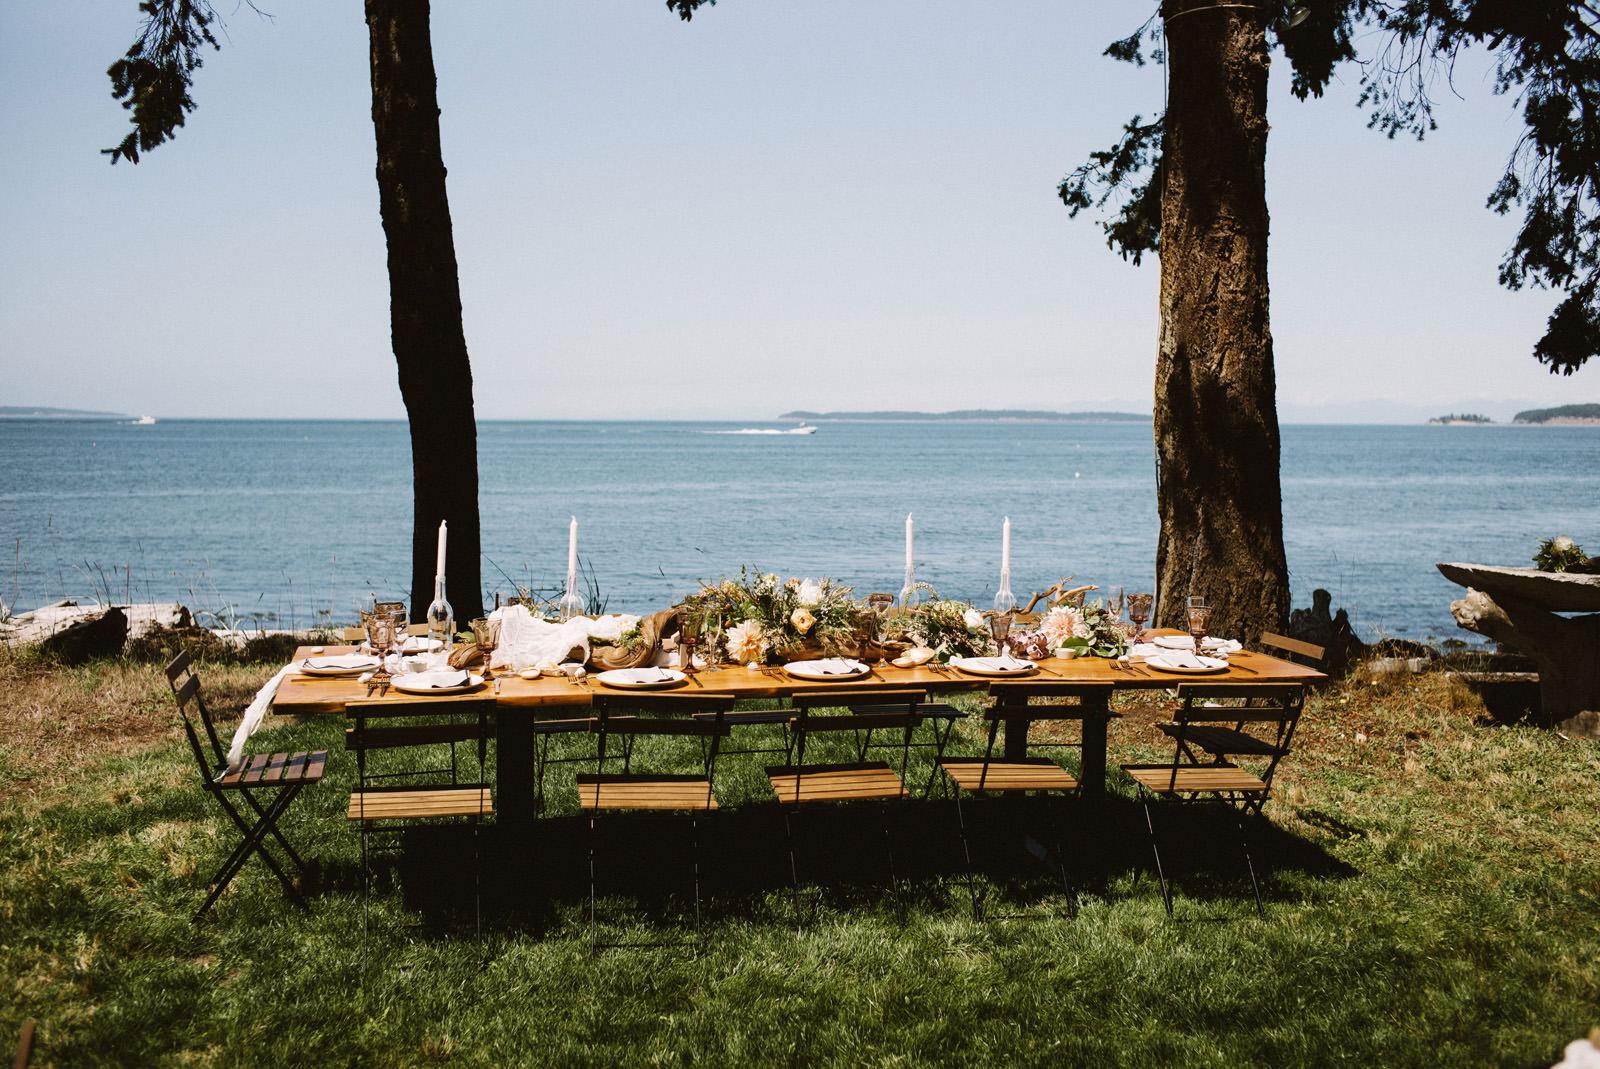 kaityjeff-blog-094 ORCAS ISLAND WEDDING